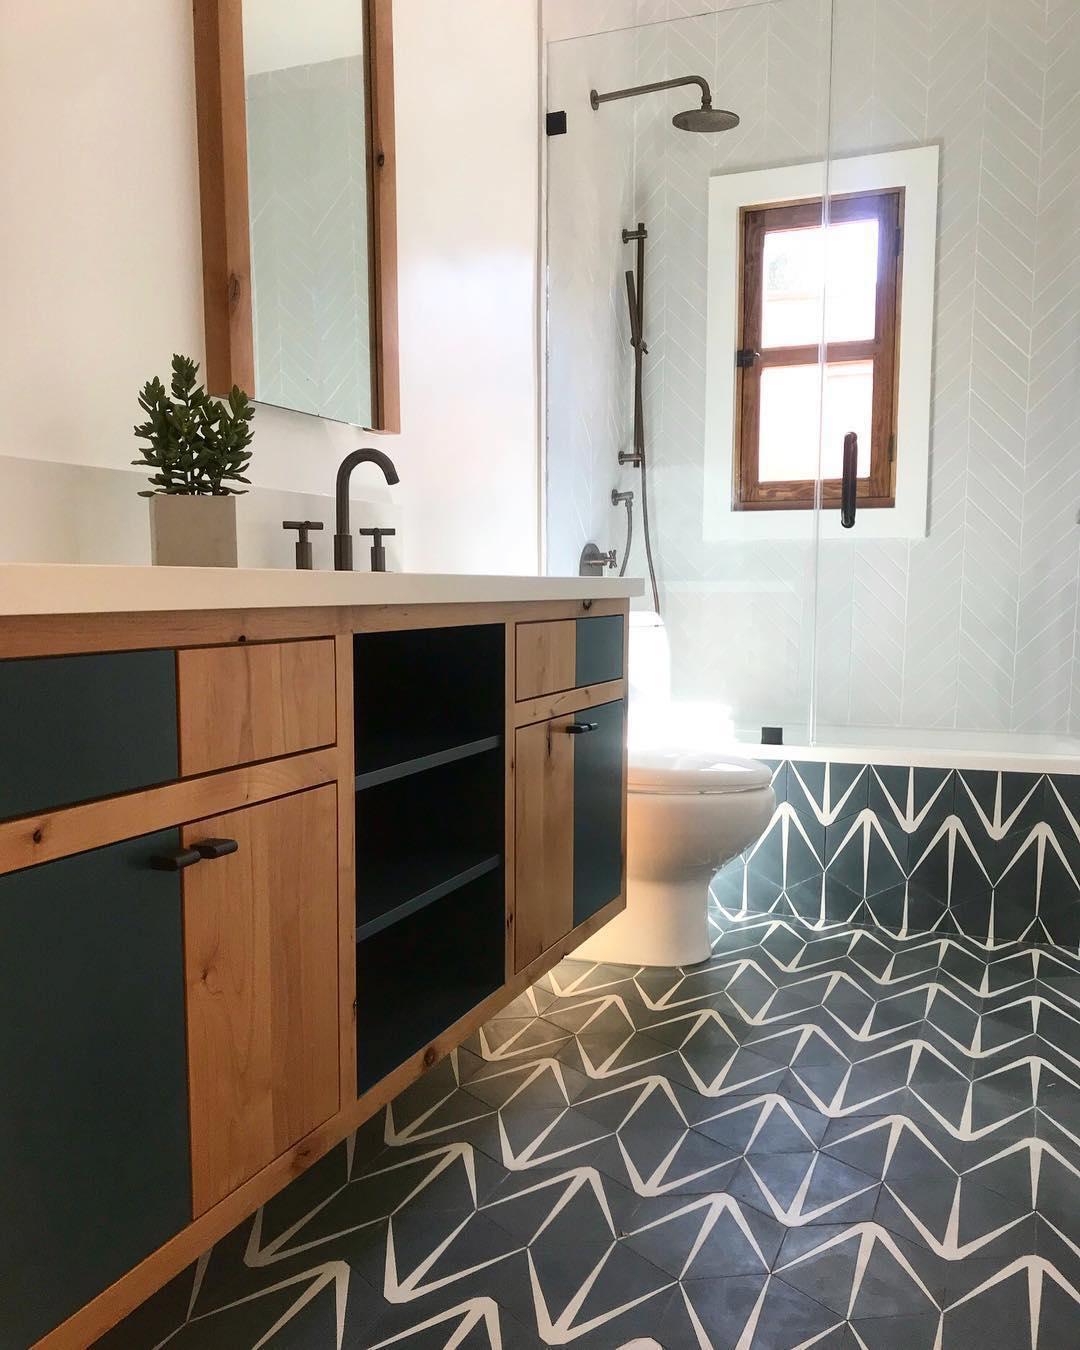 encaustic-tile-bathroom